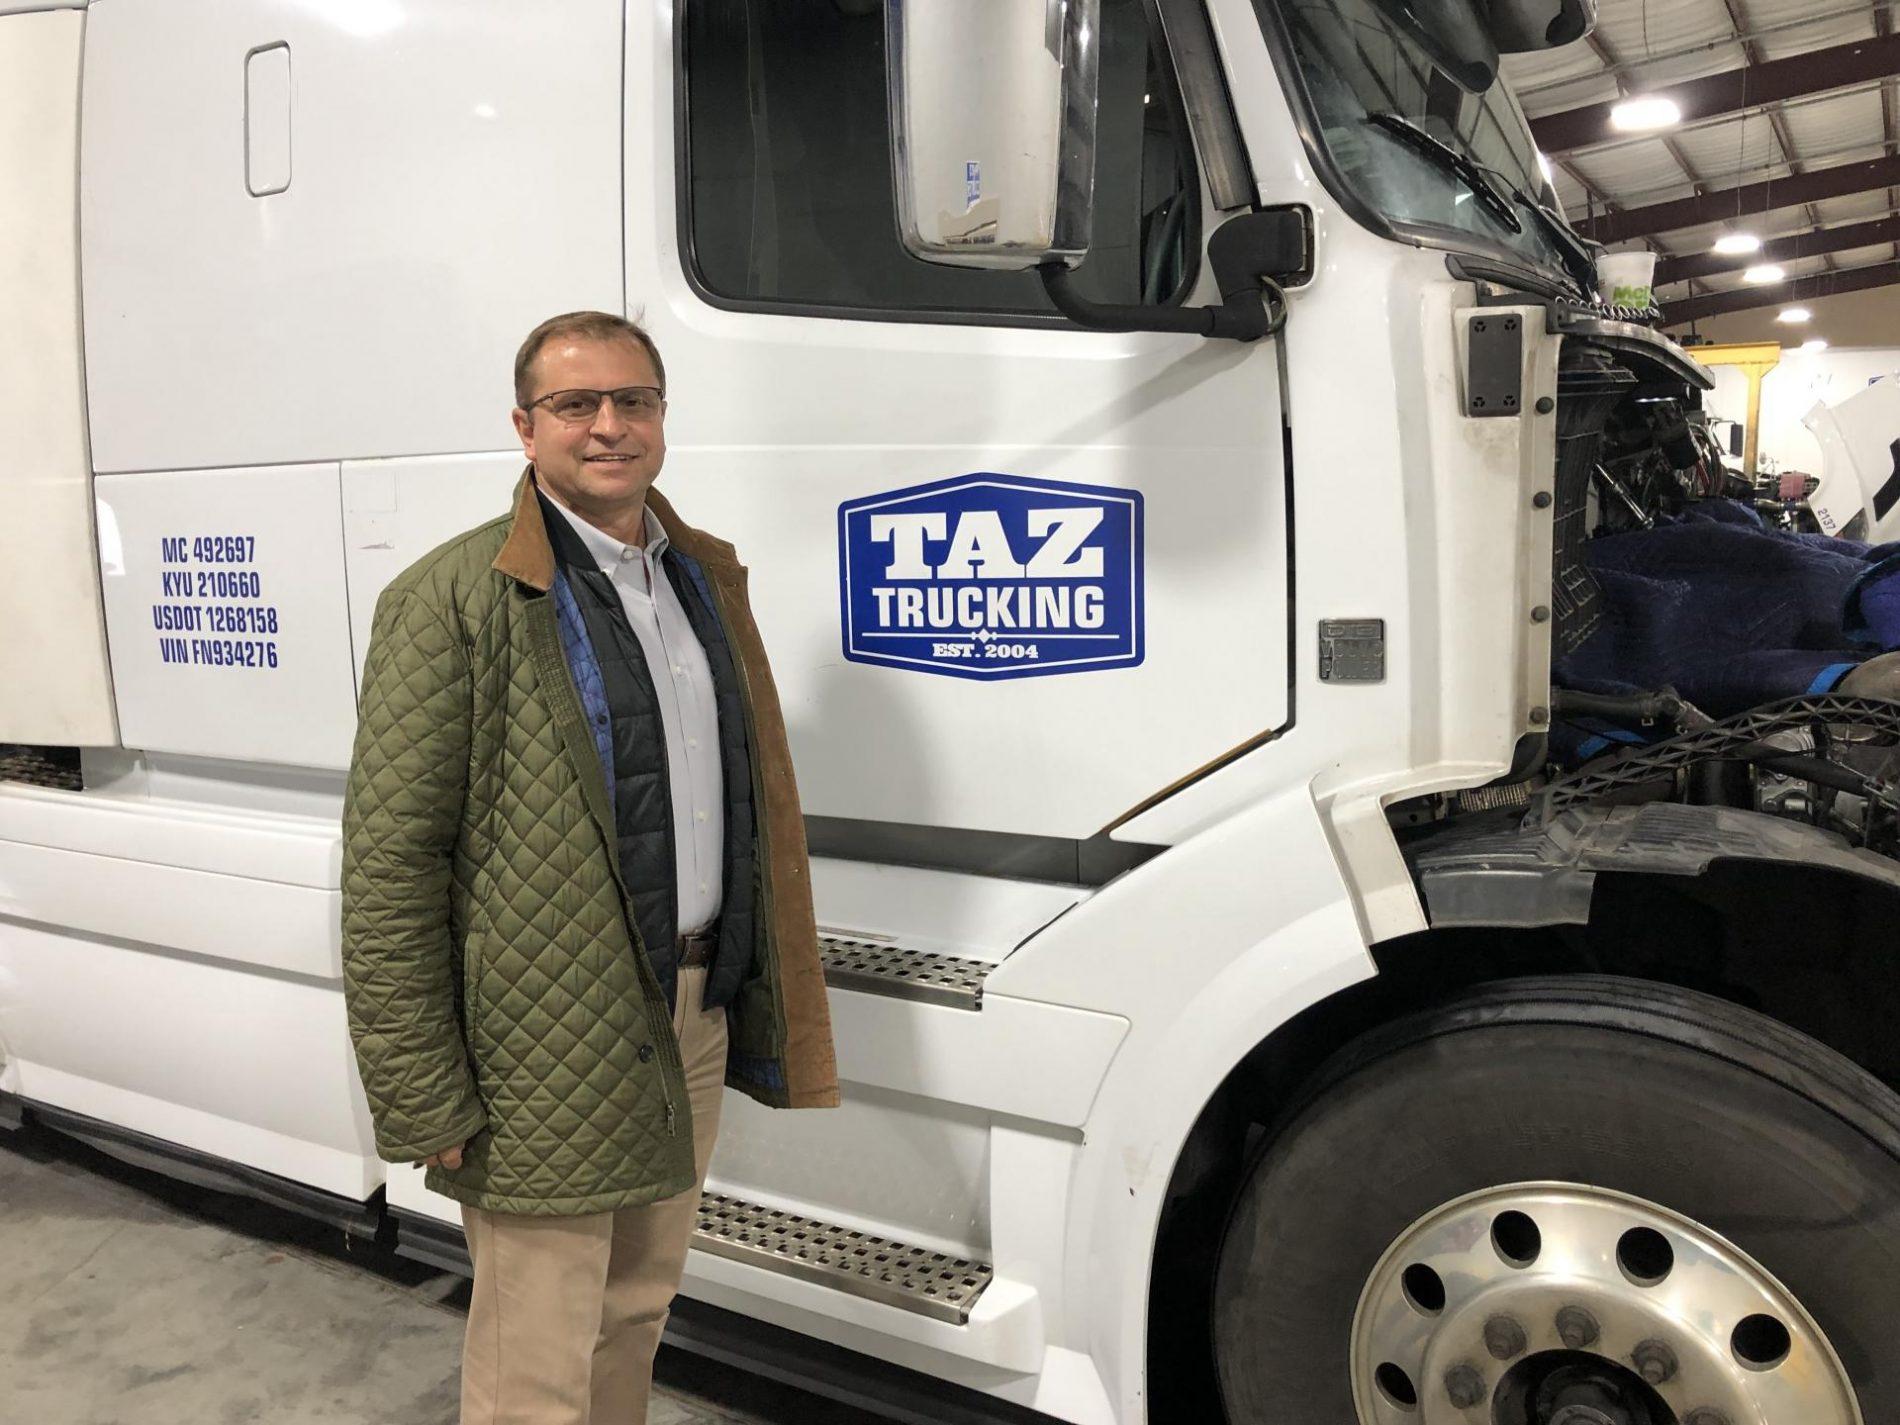 Poslovno carstvo Tahira Zukića u SAD: Ima 120 kamiona, 180 prikolica i 155 zaposlenih